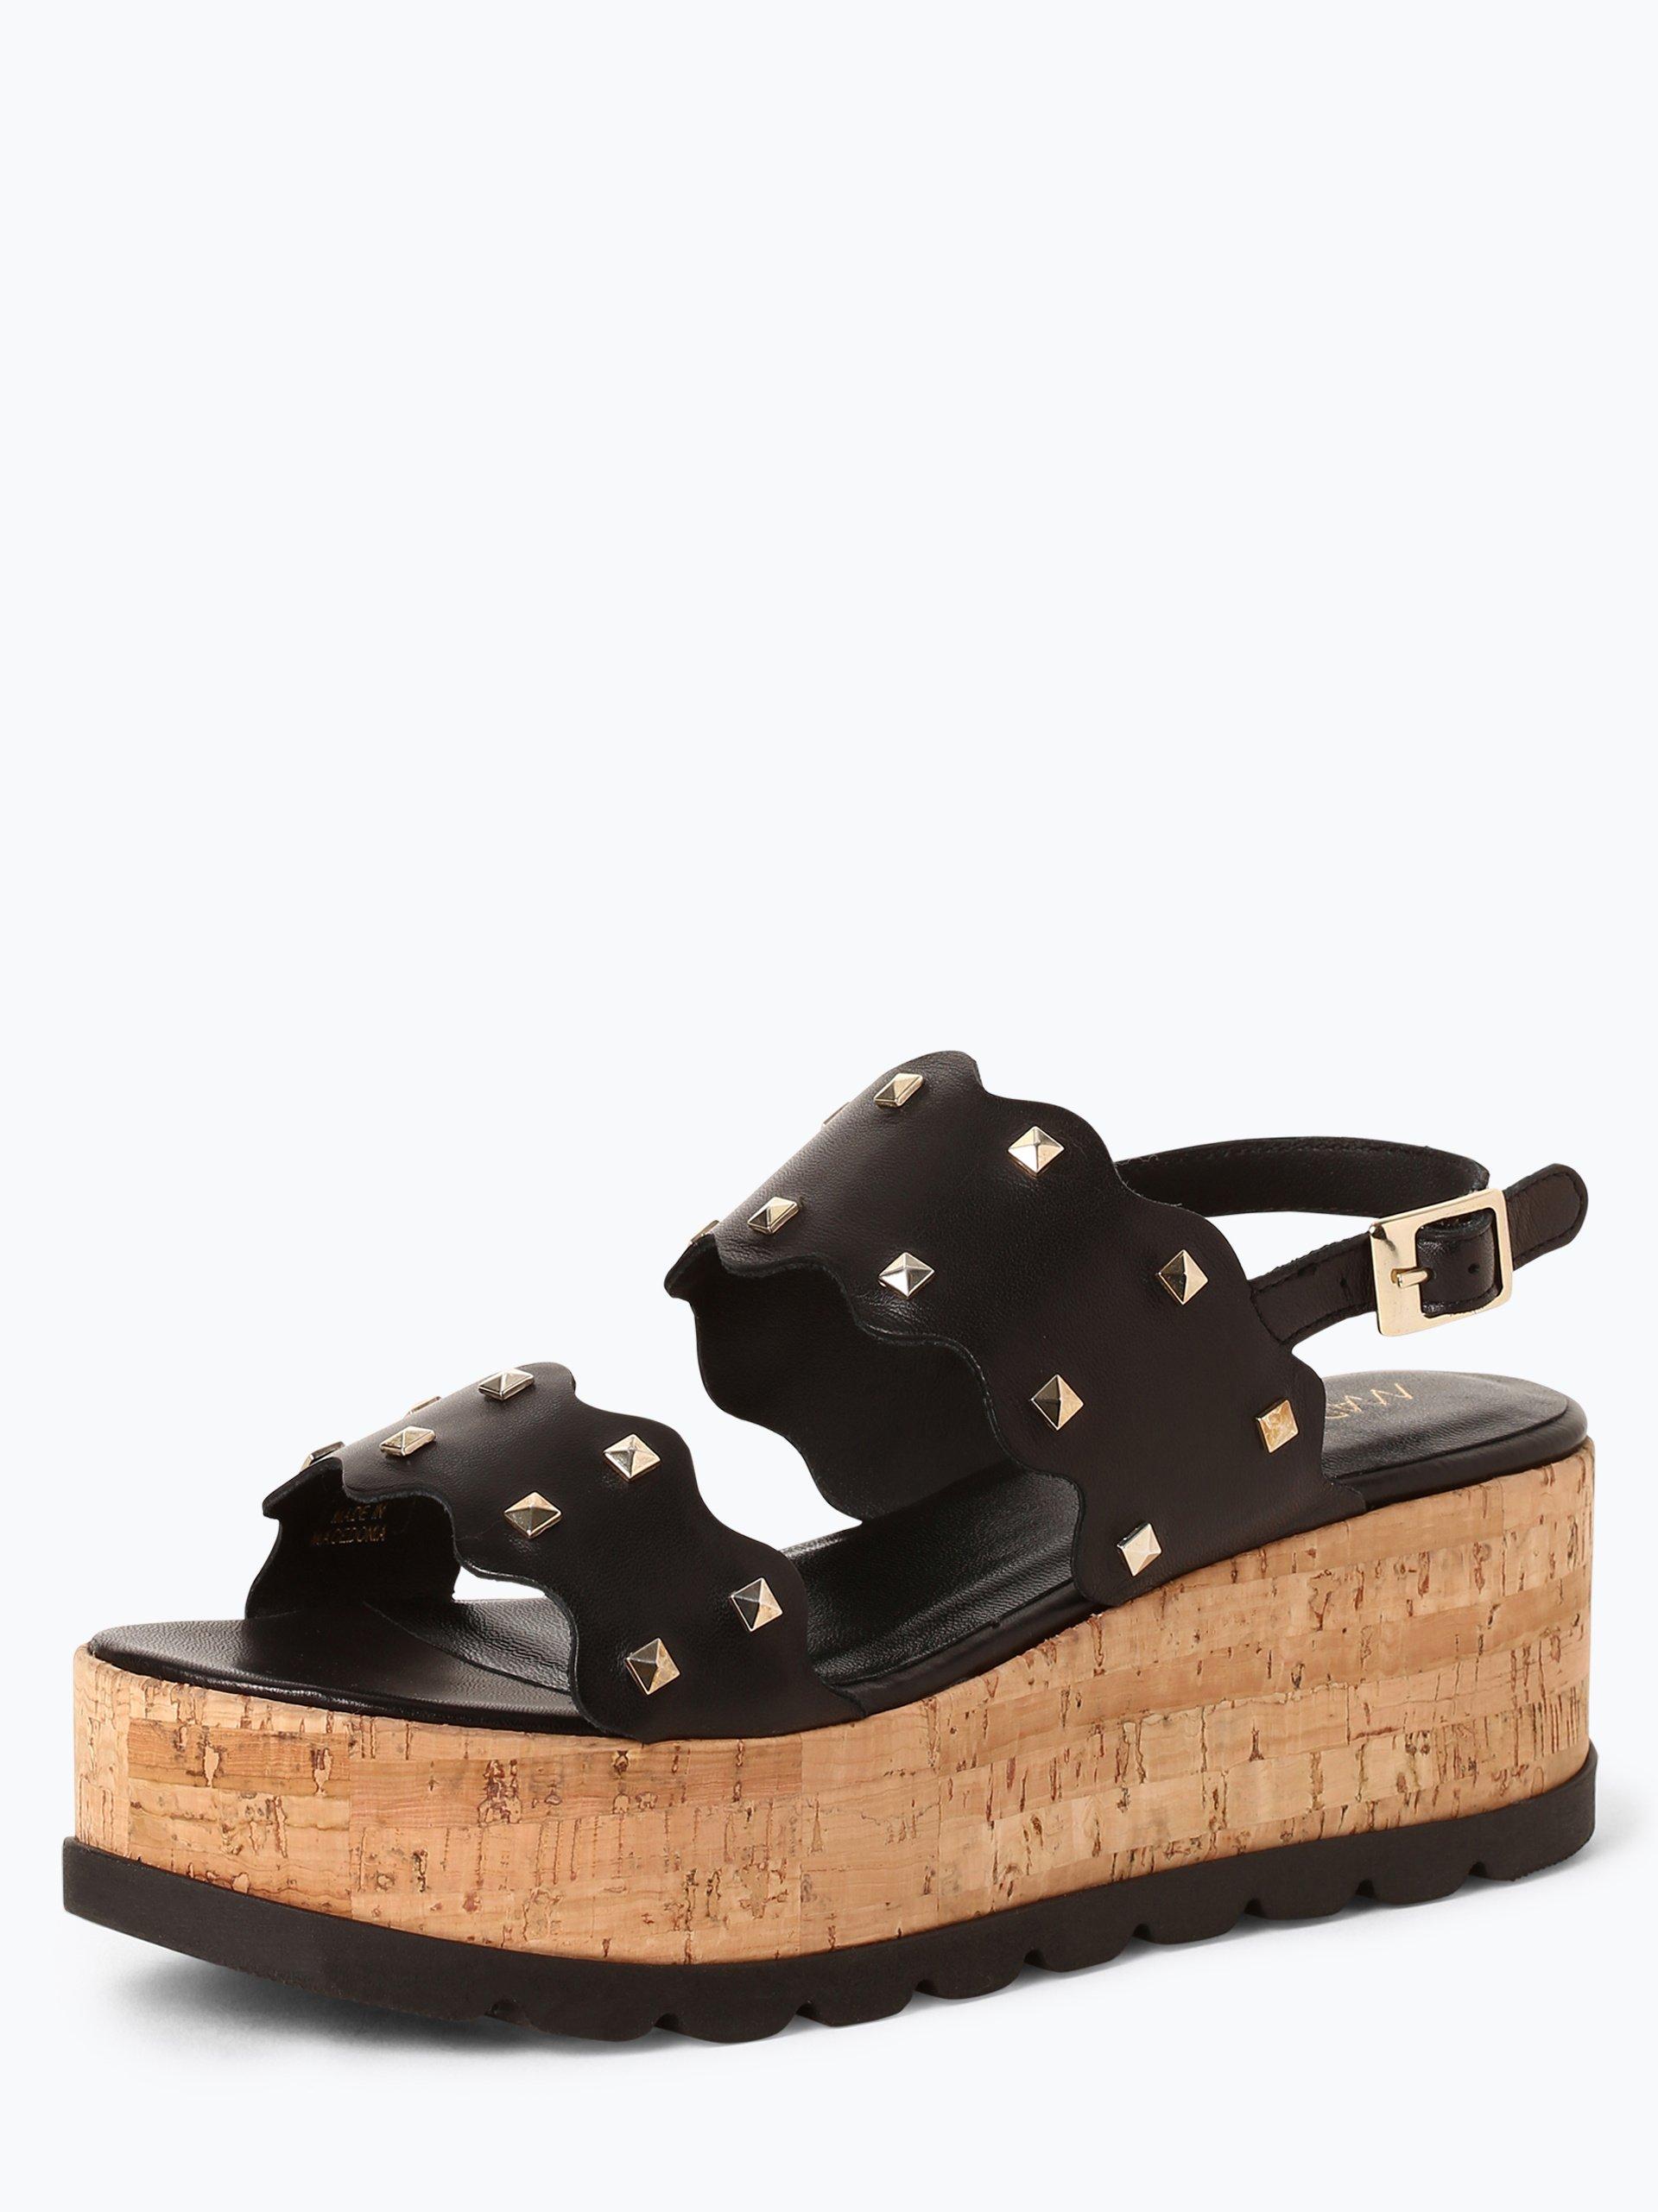 Marc Cain Bags & Shoes Damen Sandaletten aus Leder